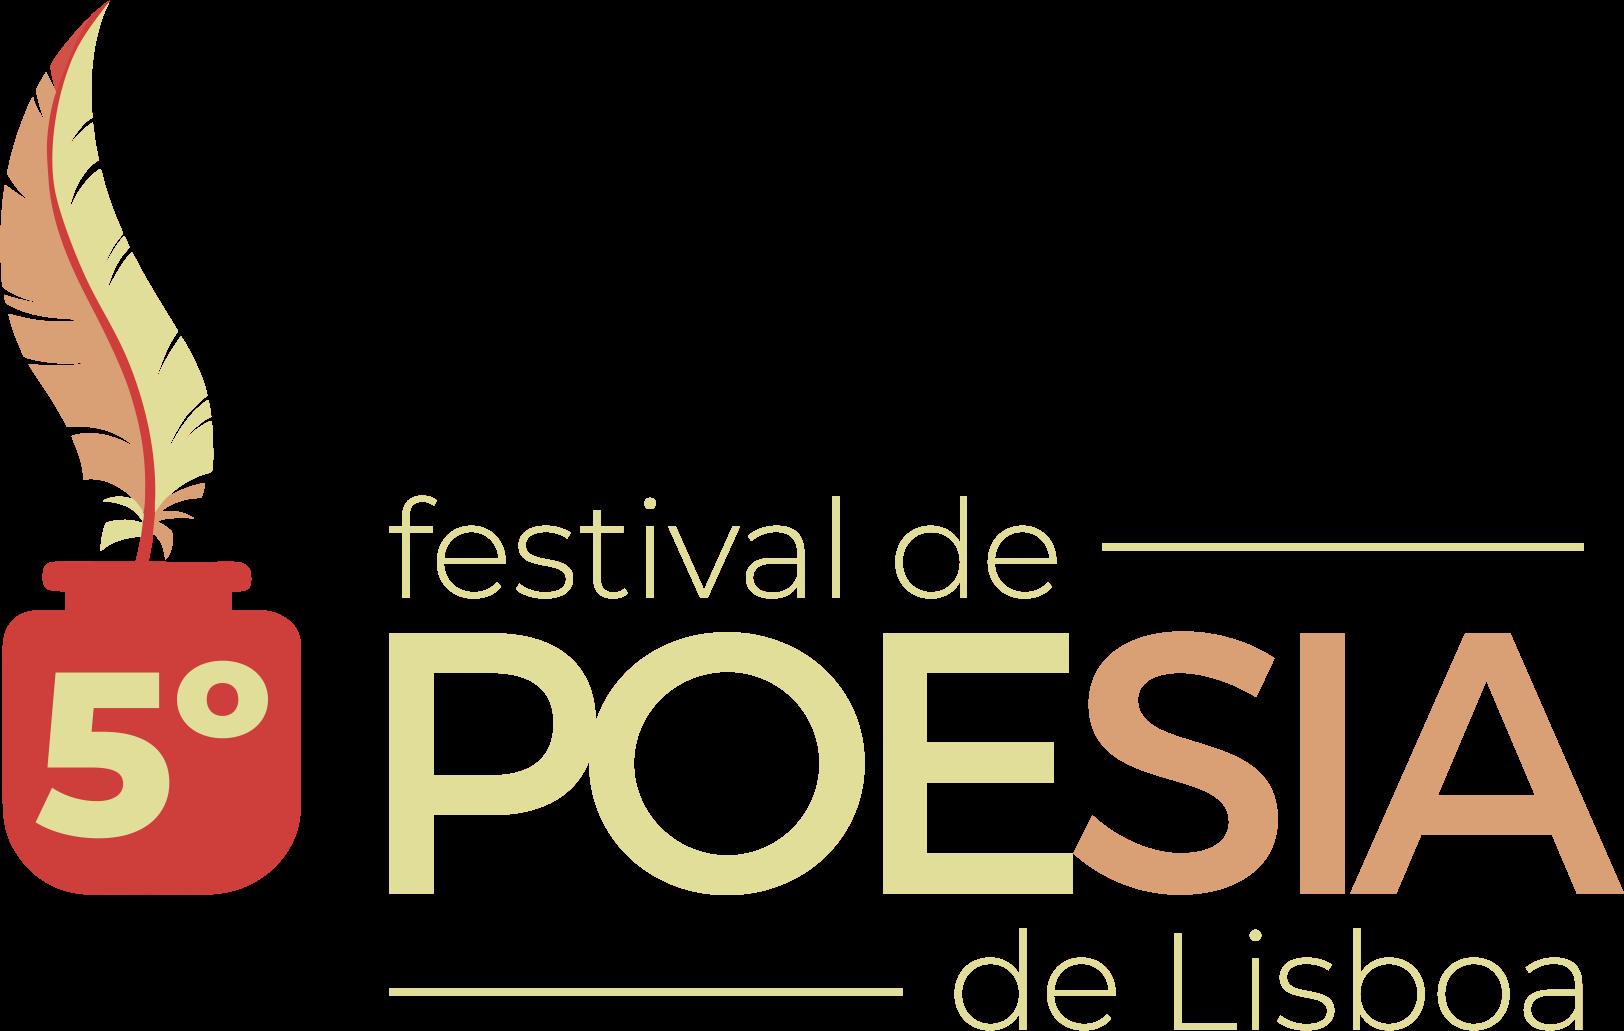 5º Festival de Poesia de Lisboa: inscrições abertas